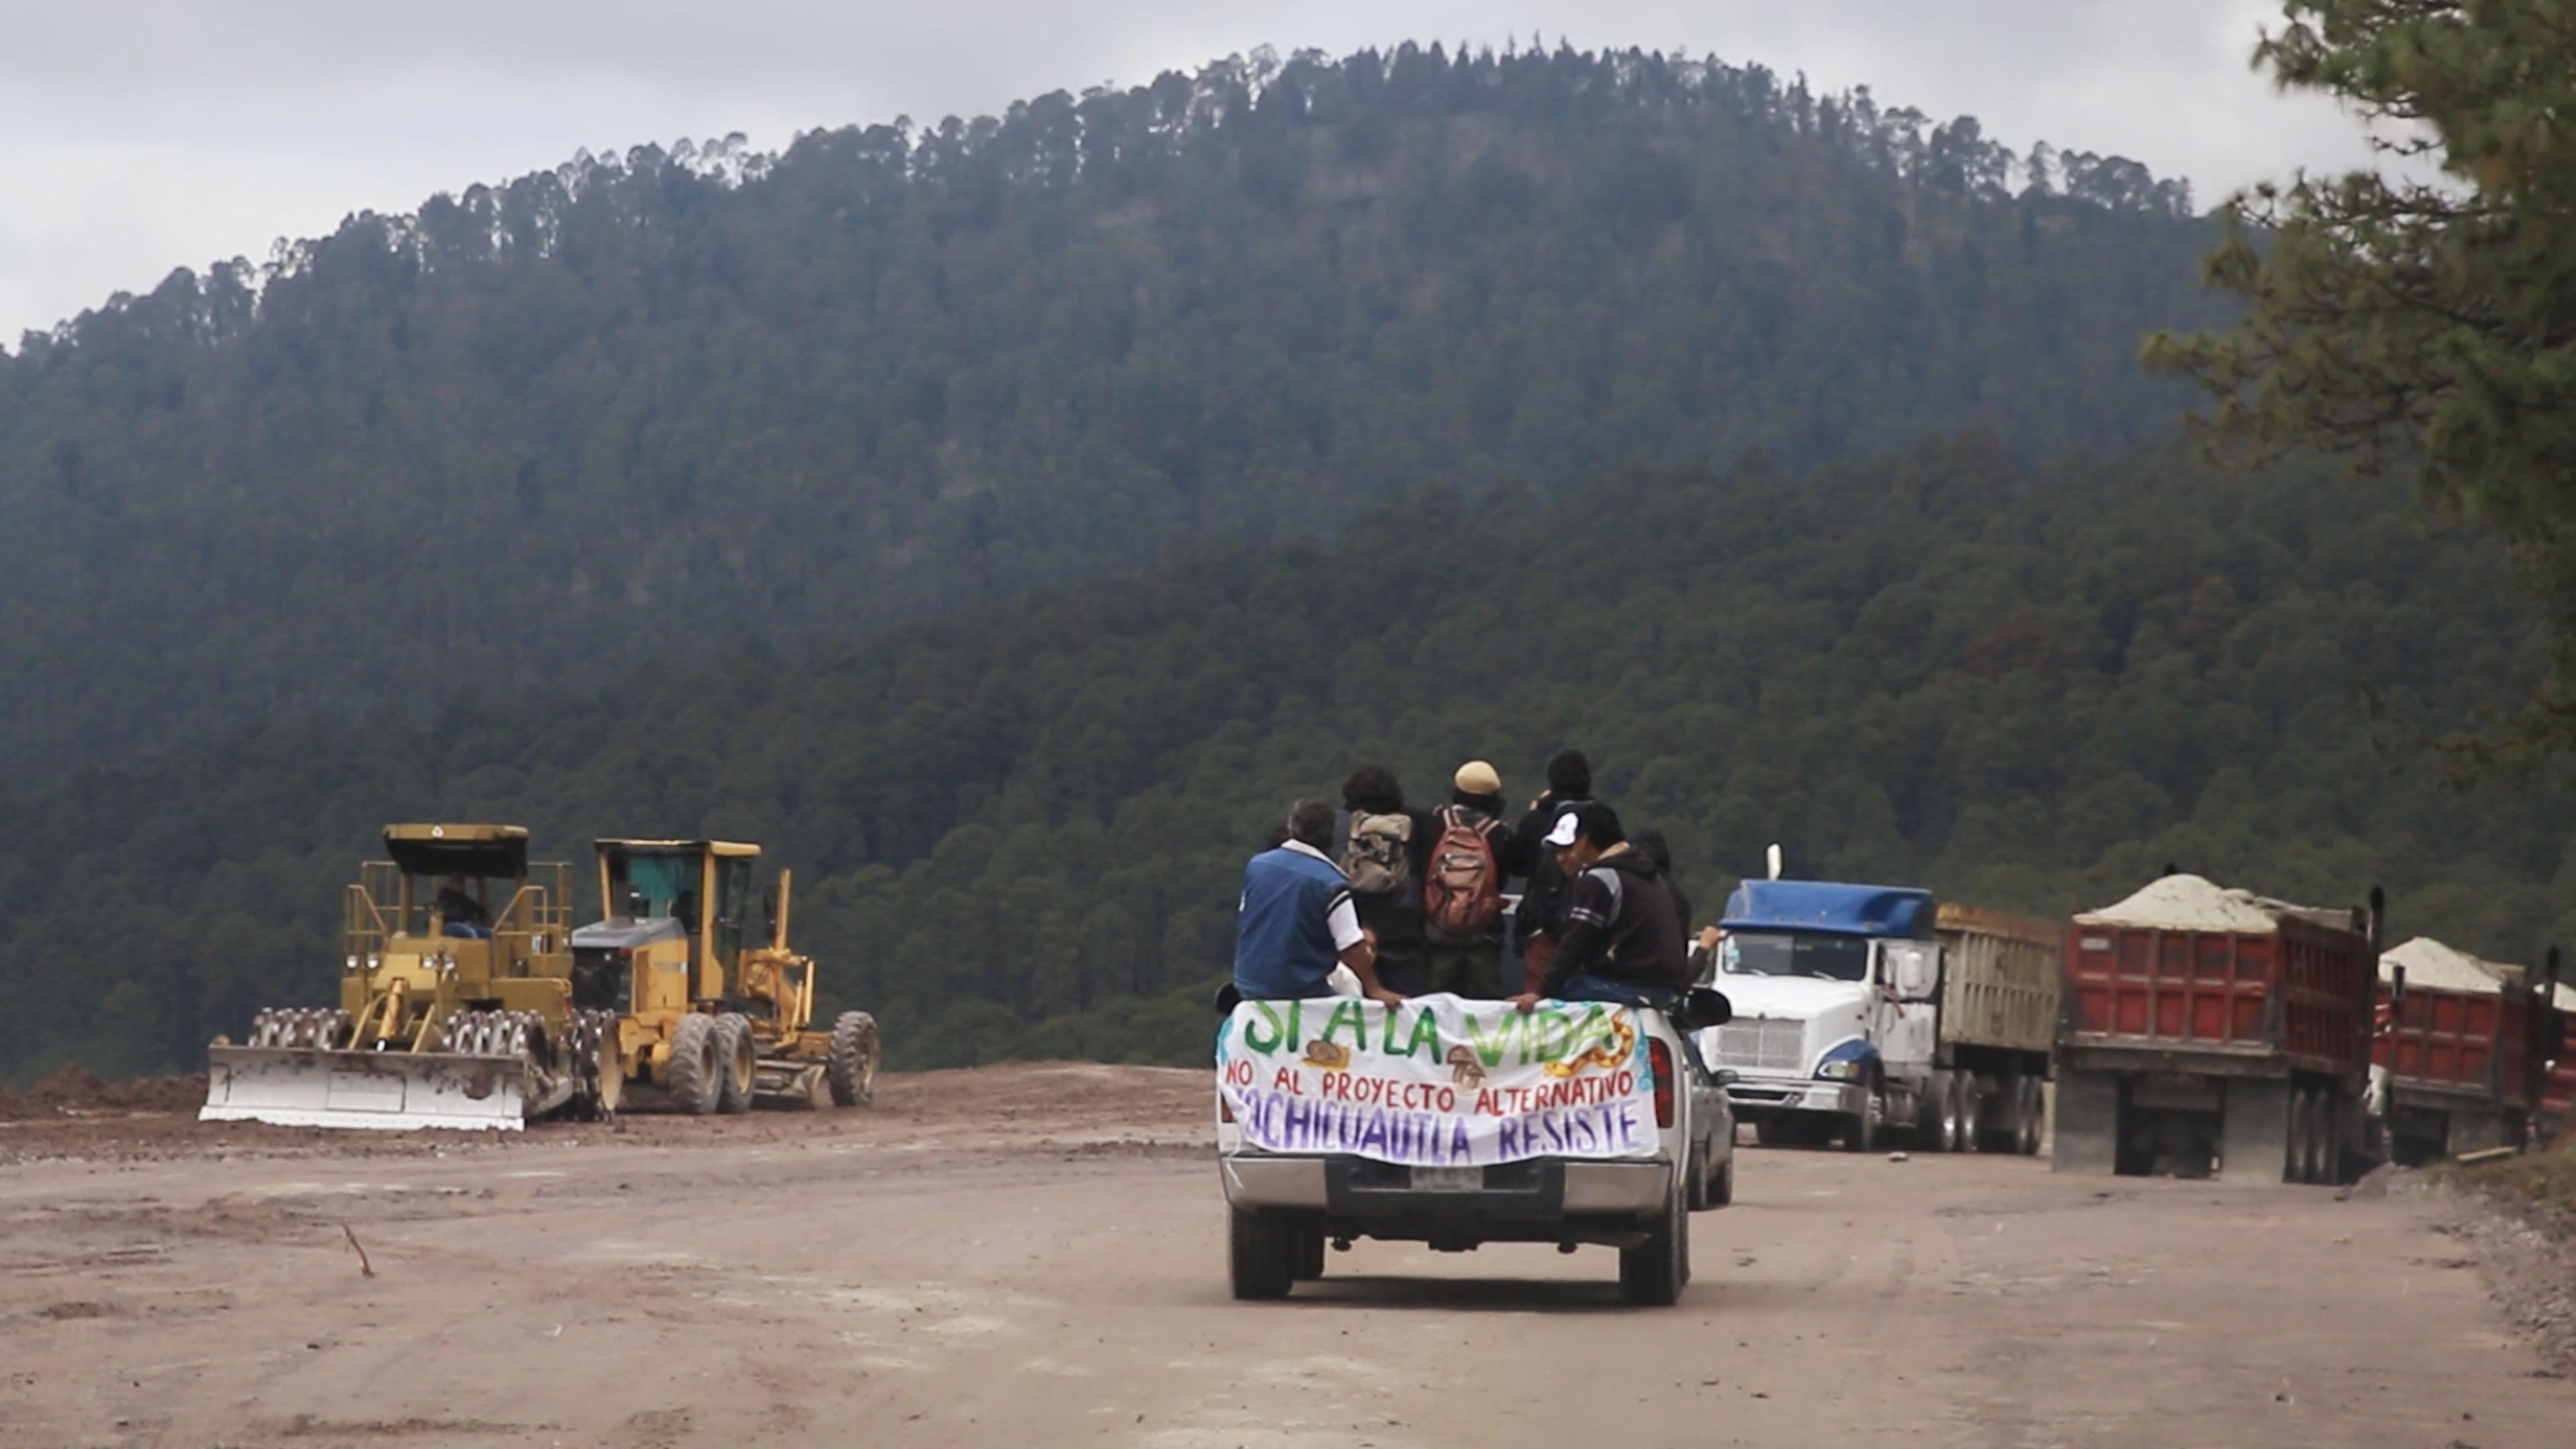 Activistas contra la tala del bosque se oponen a construcción de autopista